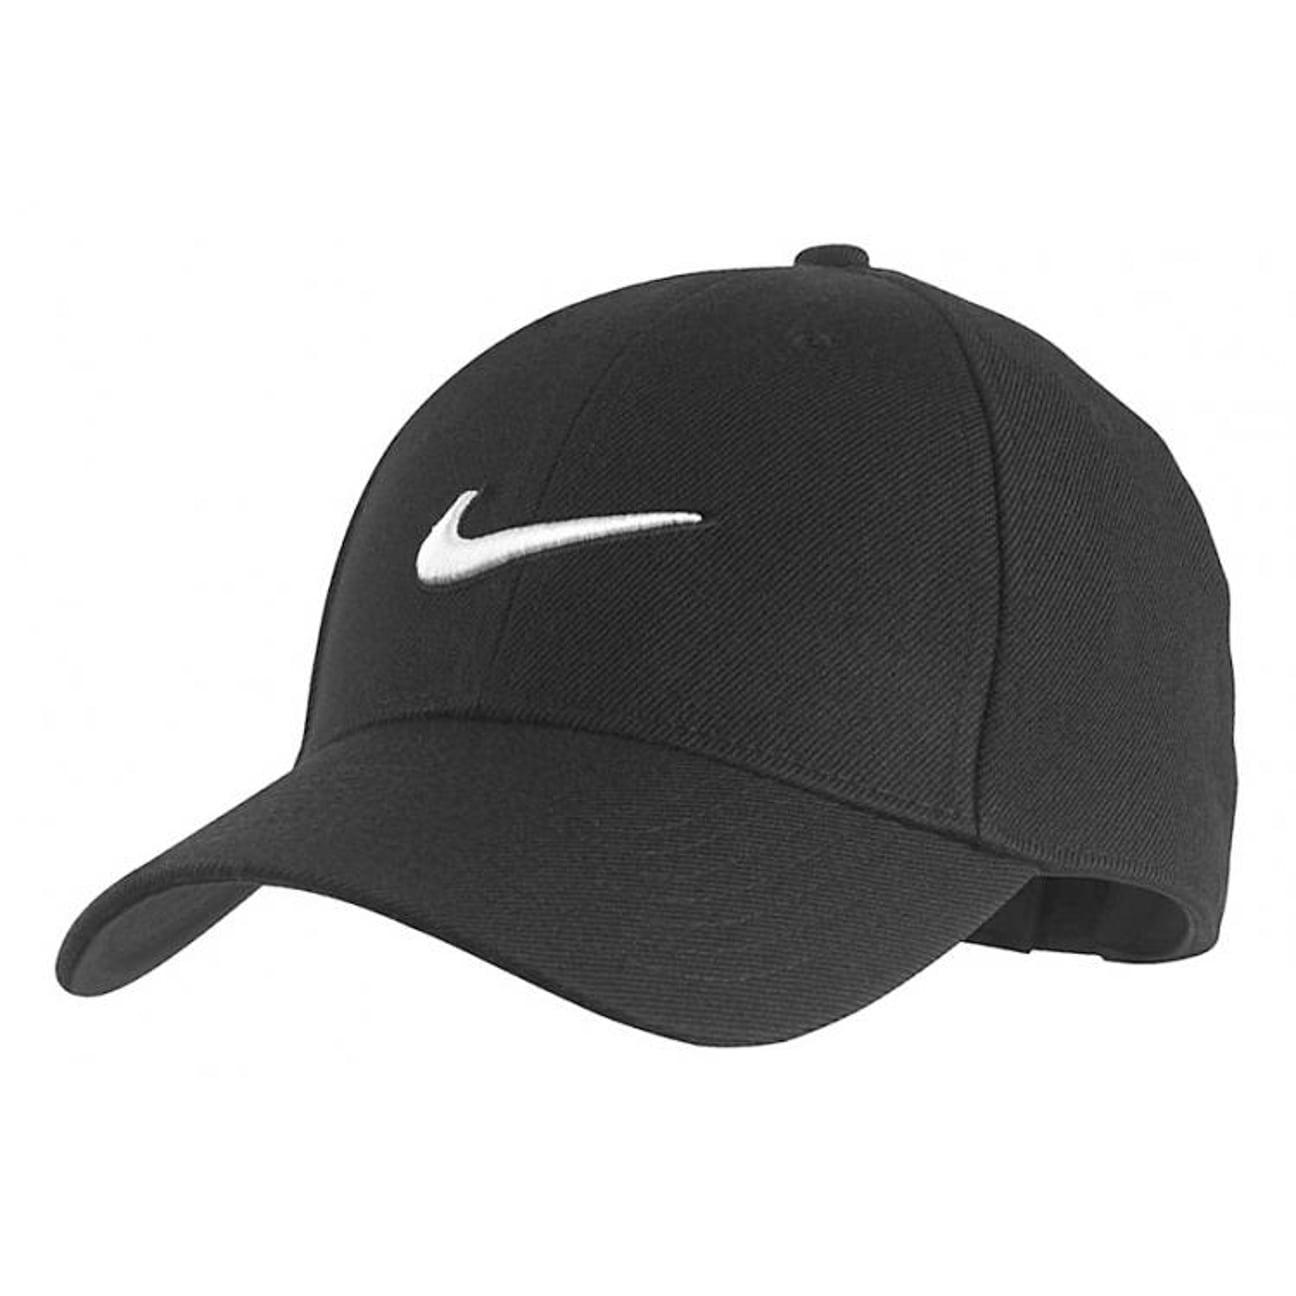 b7776e1c89c5f ... Structured Swoosh Cap by Nike - black 1 ...